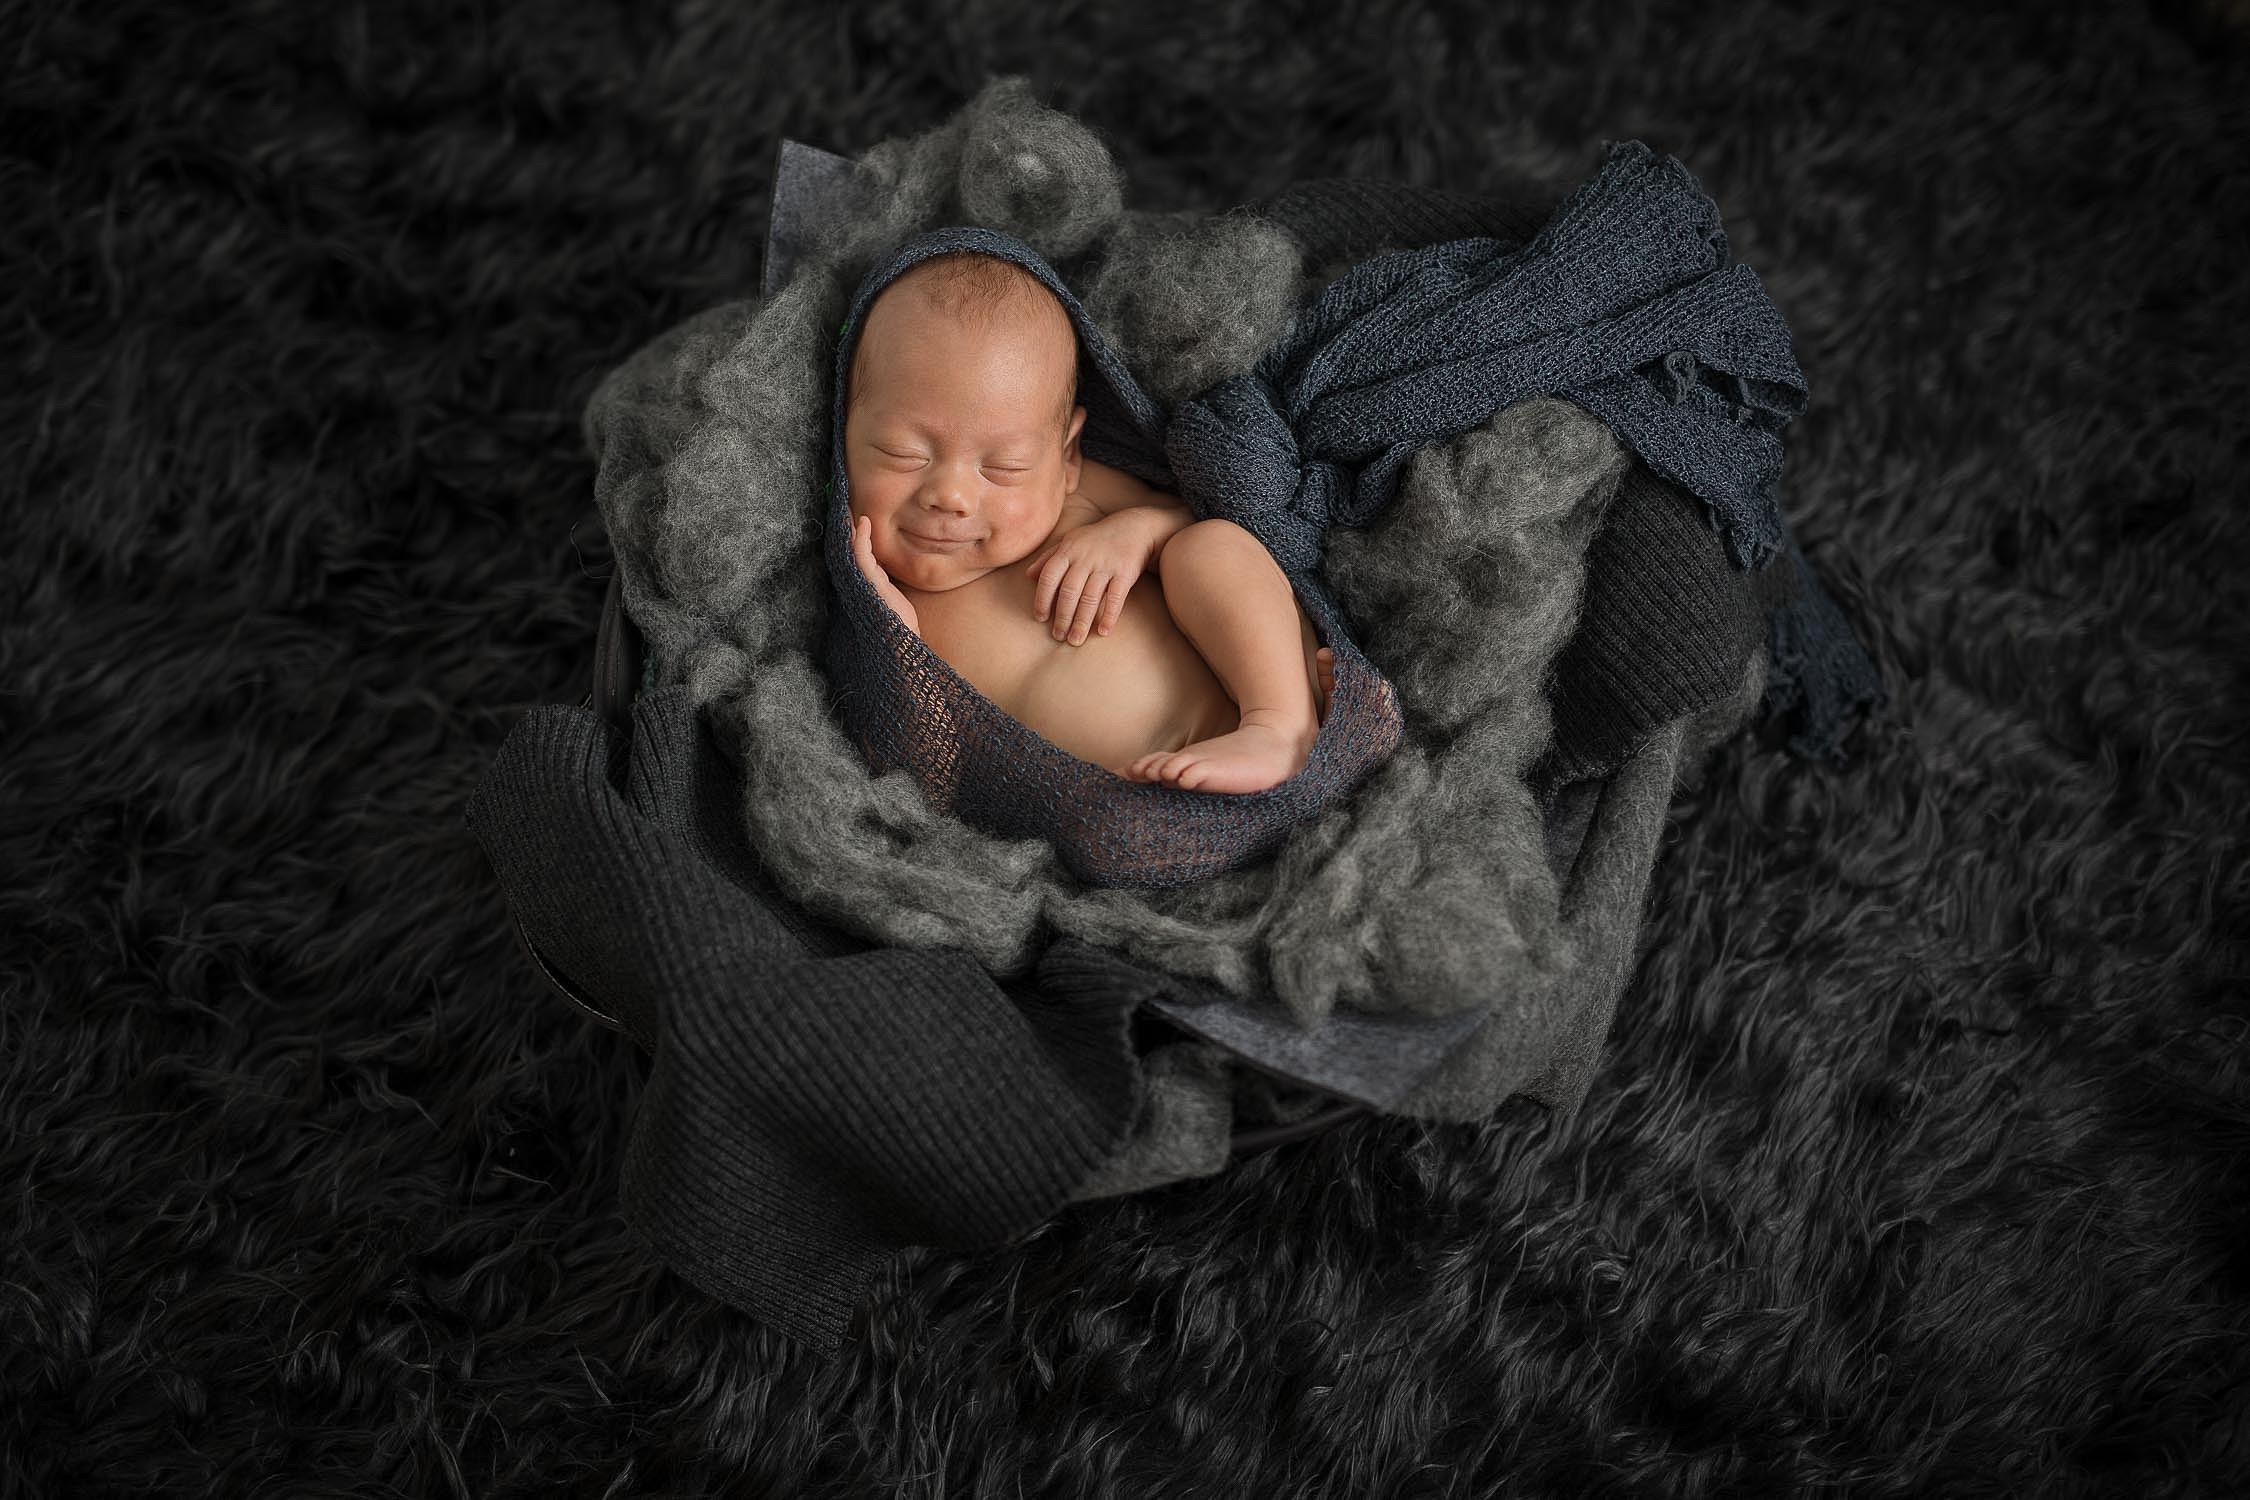 nyfødt-nyfødtfotograf-nyfødtfotografering-fotograf-hodnedesign-pål-hodne-7441.jpg